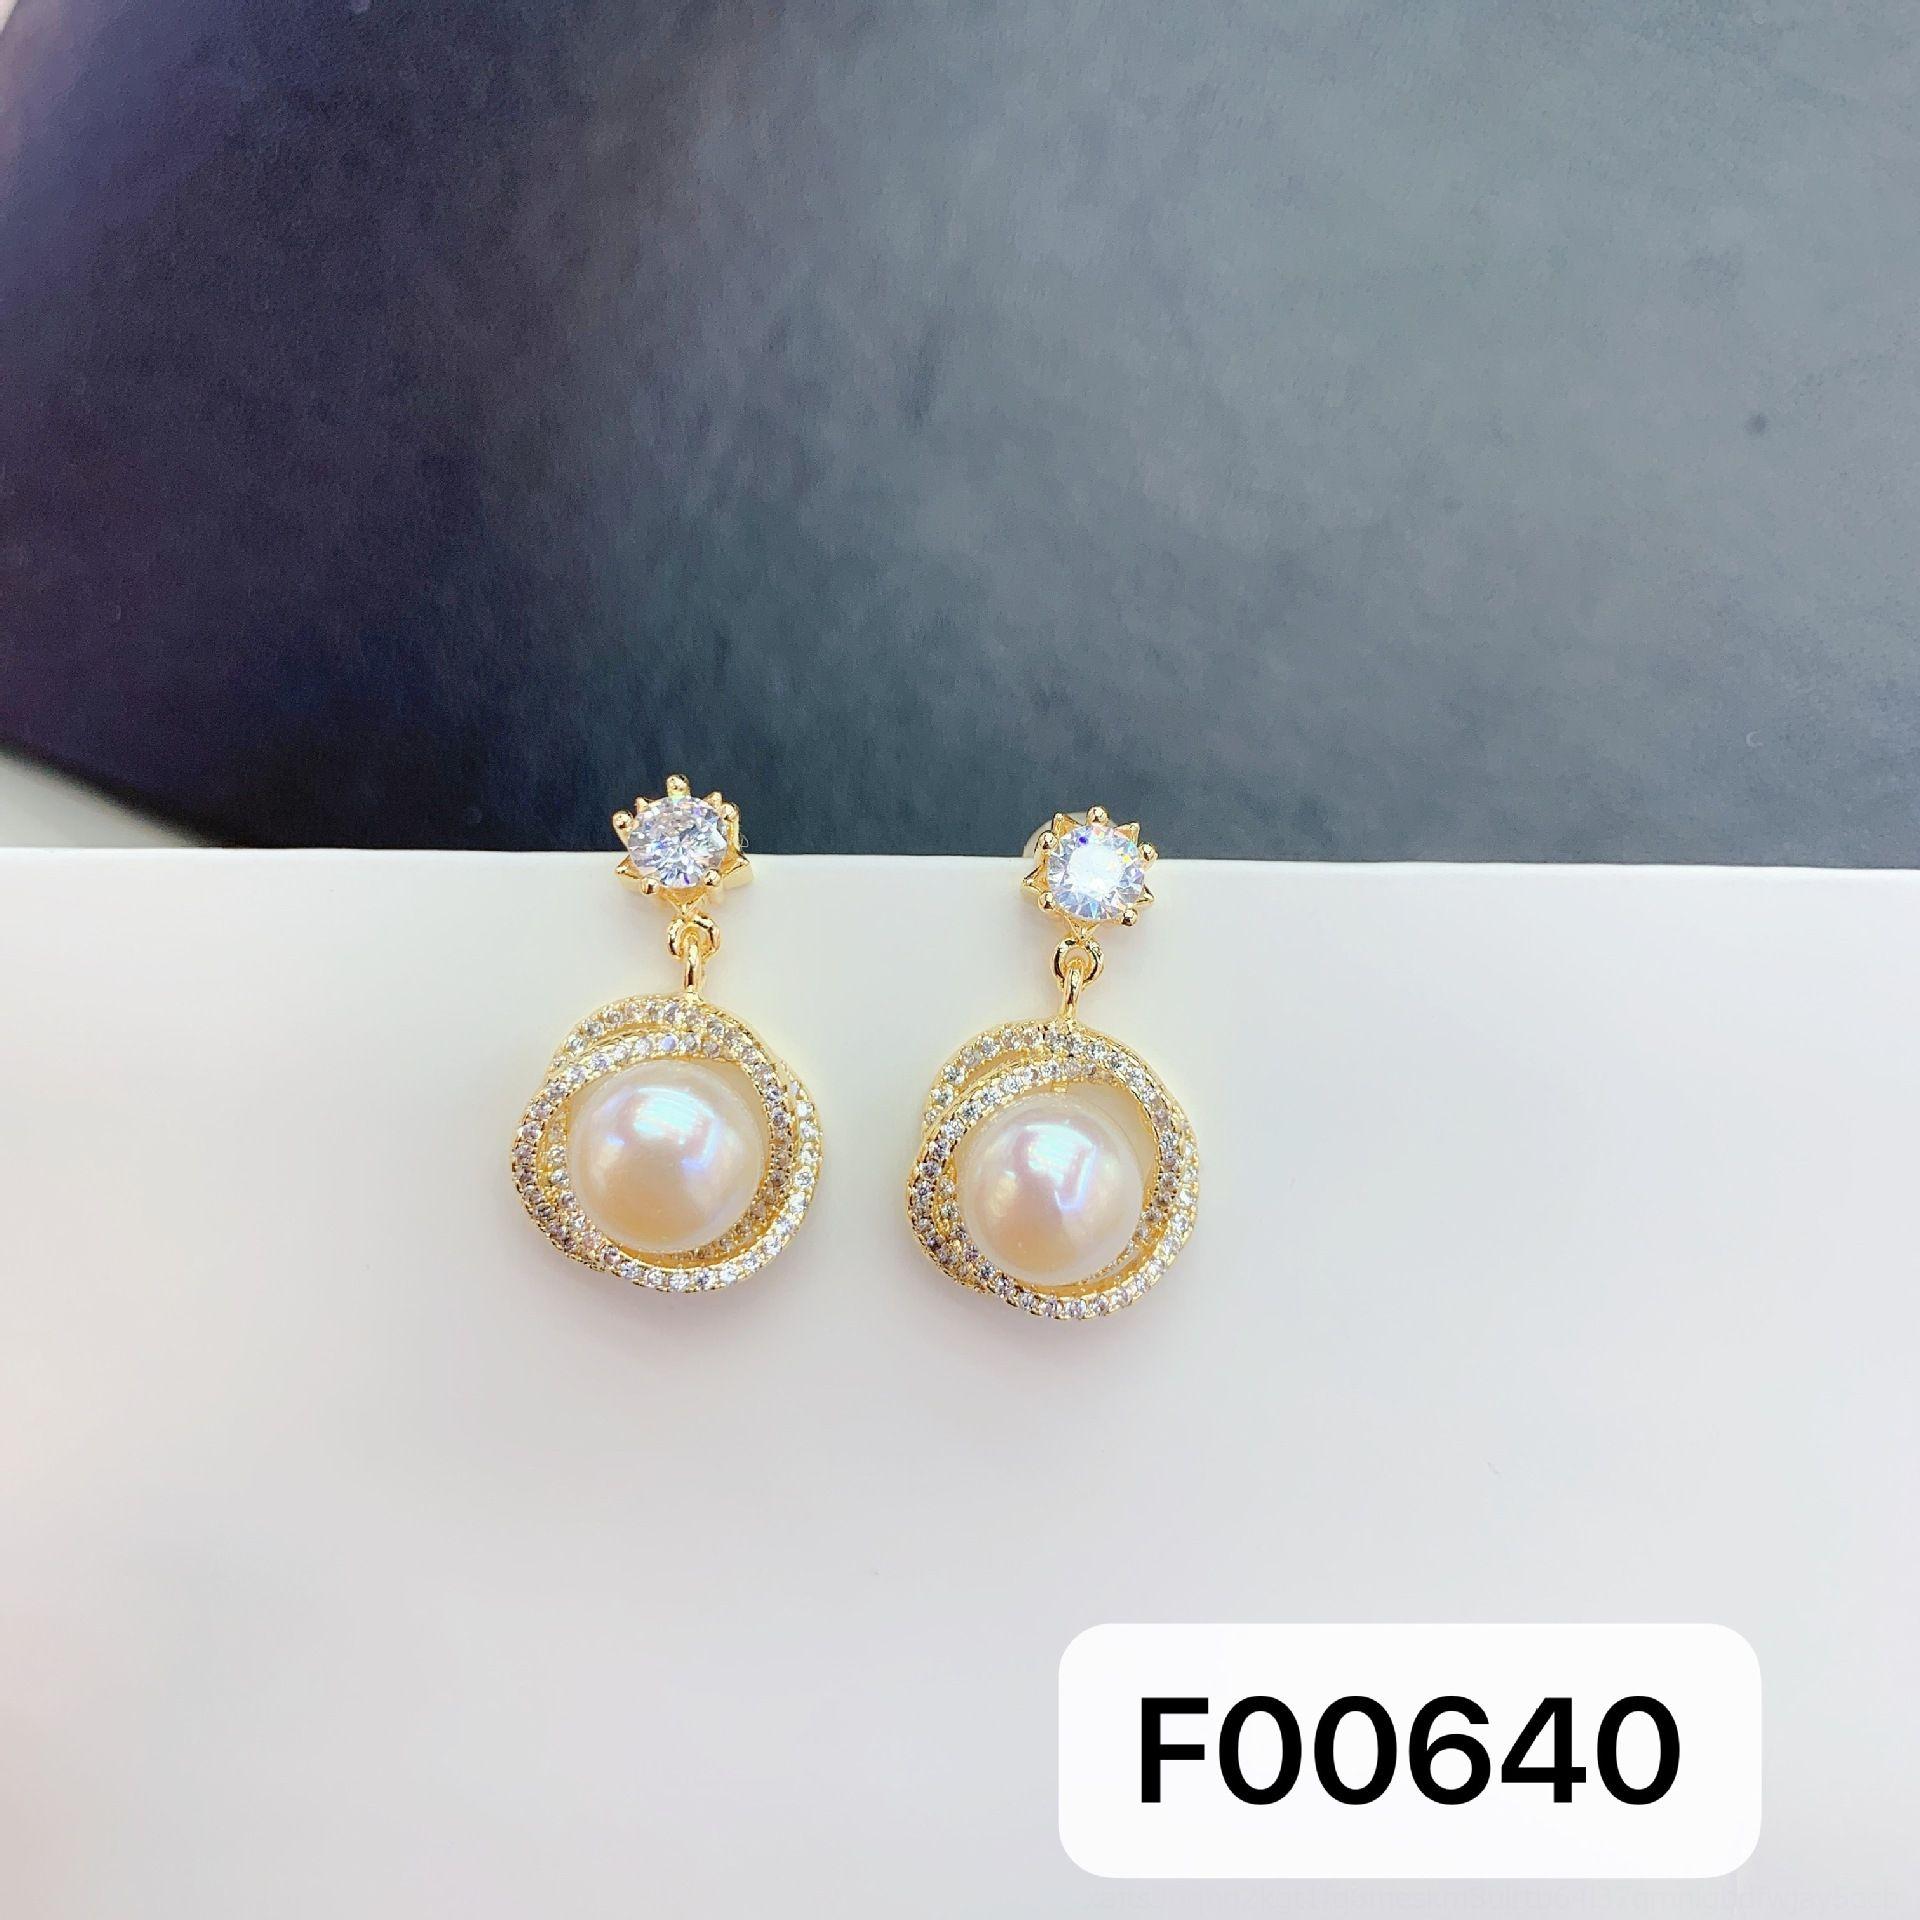 vkRdR pérola de jóias e de água doce zircão pearlearrings banhados a ouro 14K brincos de jóias todos os-Jogo